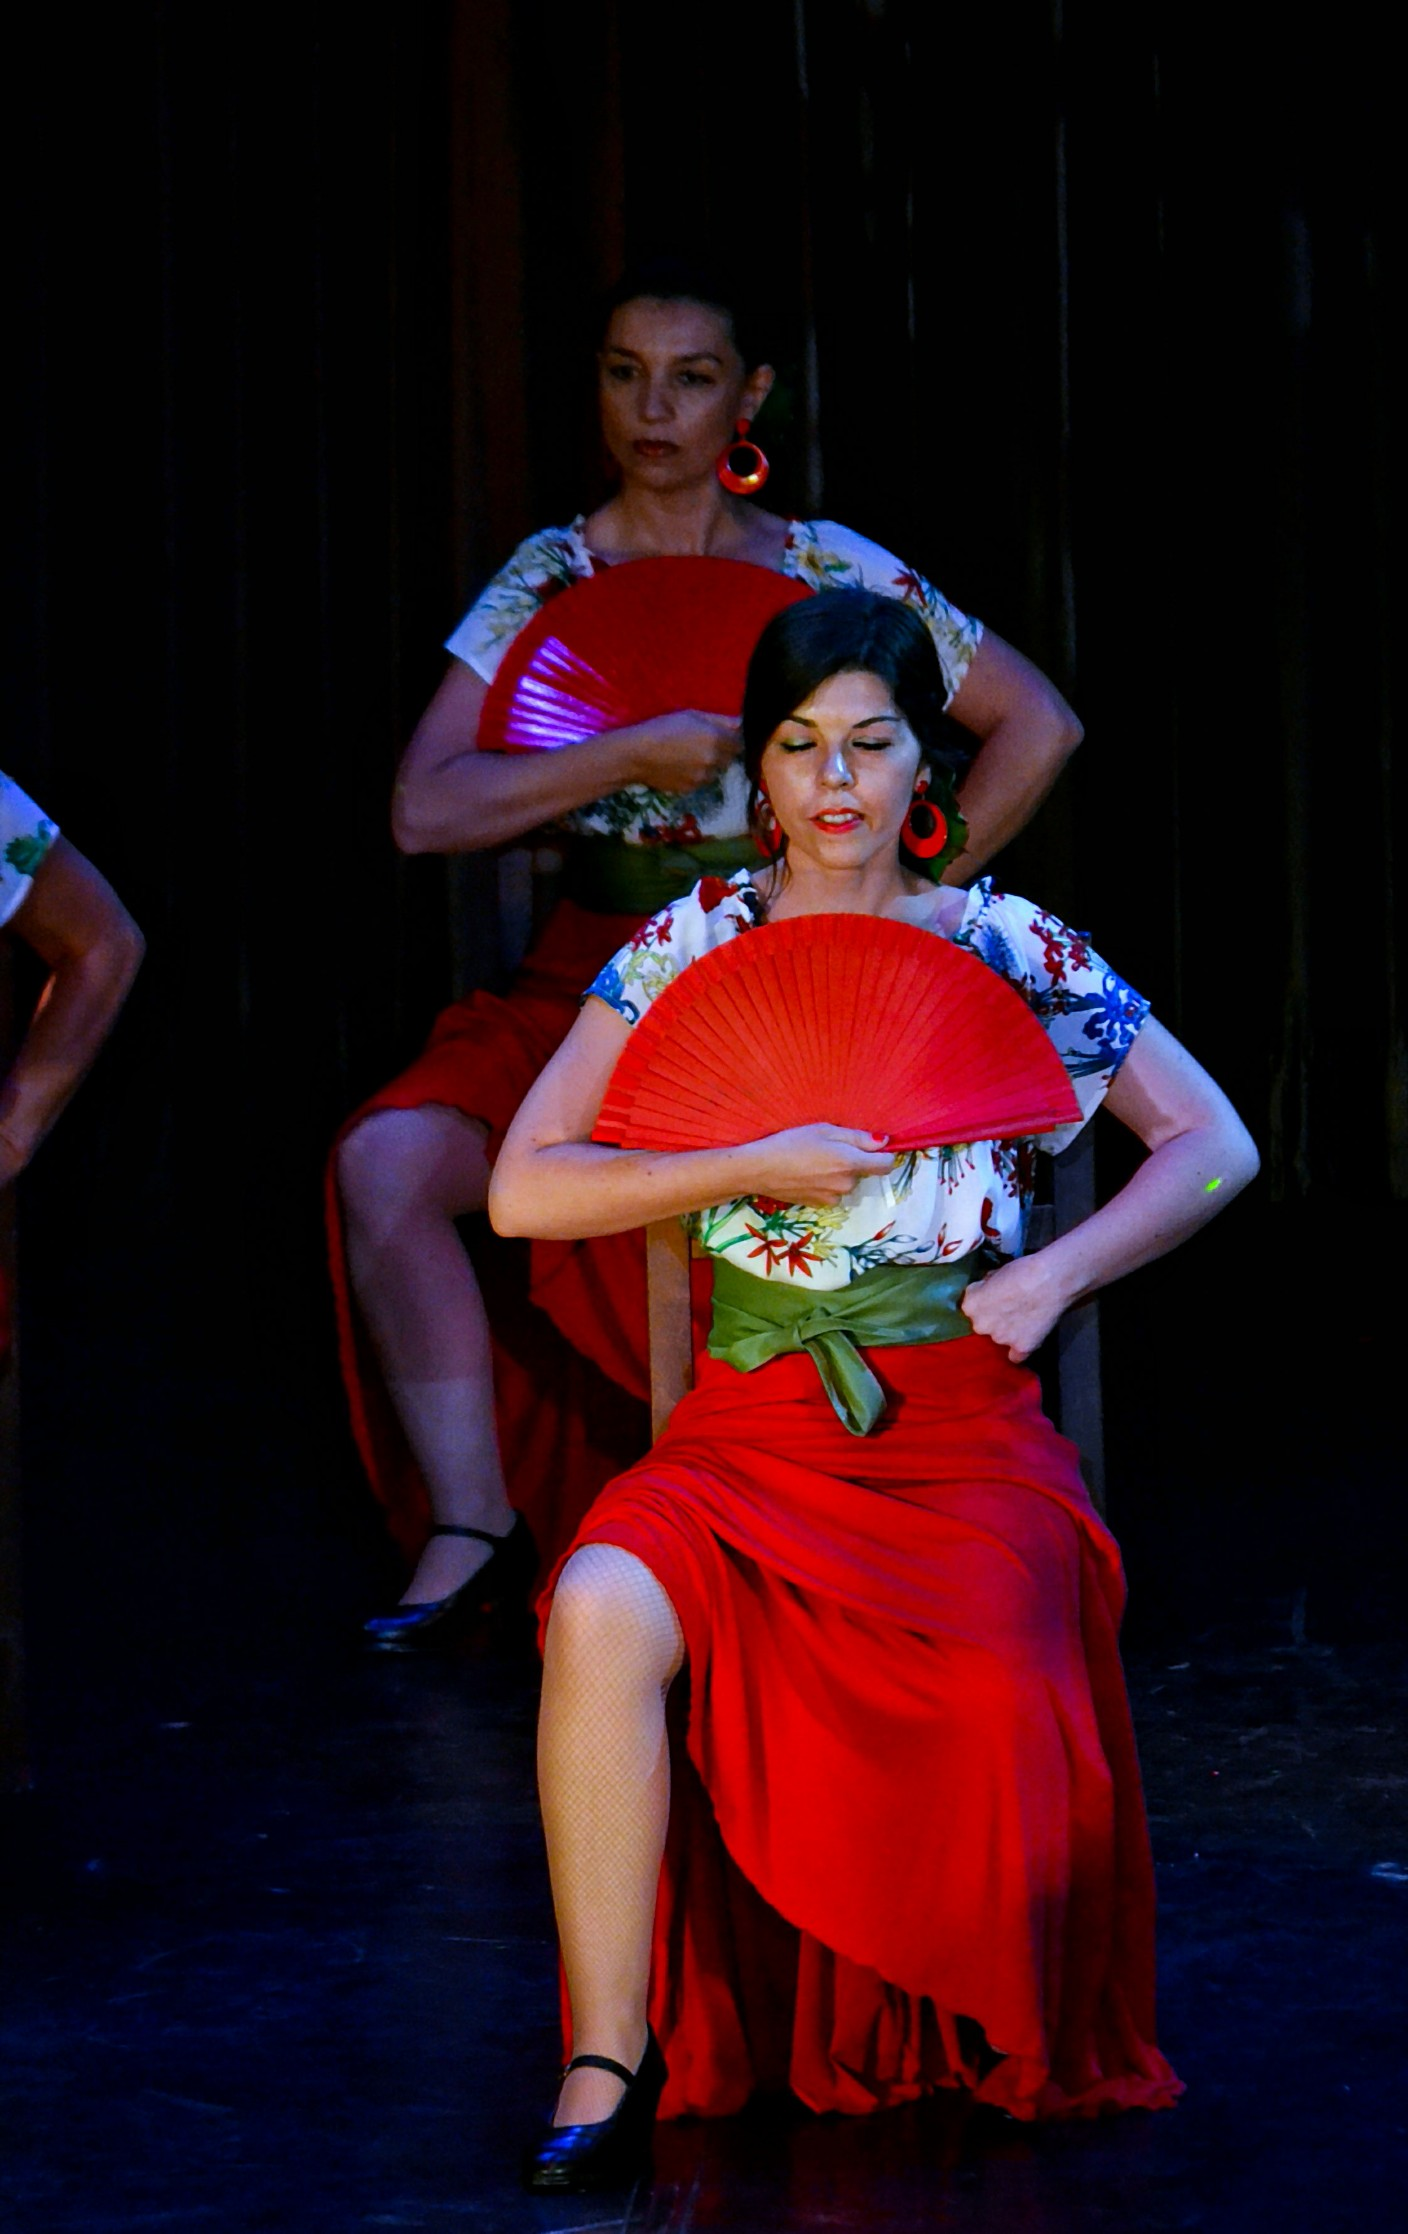 Linea-de-Baile-festival-verano-2015-clases-de-baile-valencia-11